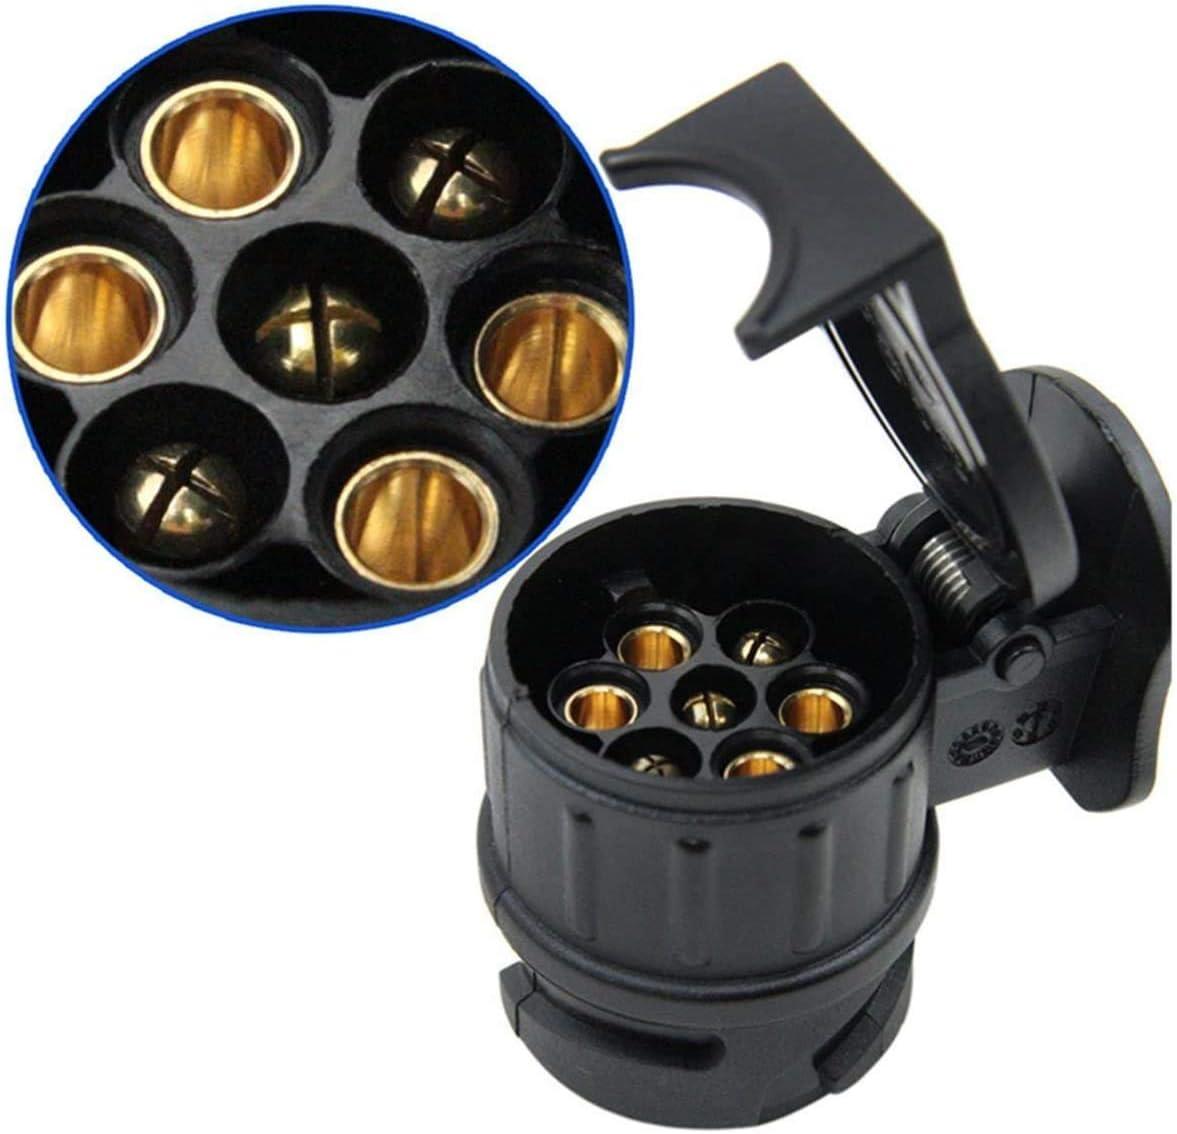 Steckeradapter Anh/ängerkupplung Konverterstecker Wasserdichter 13-poliger auf 7-poligen Anh/ängeradapter Steckdose f/ür Wohnwagen und LKW